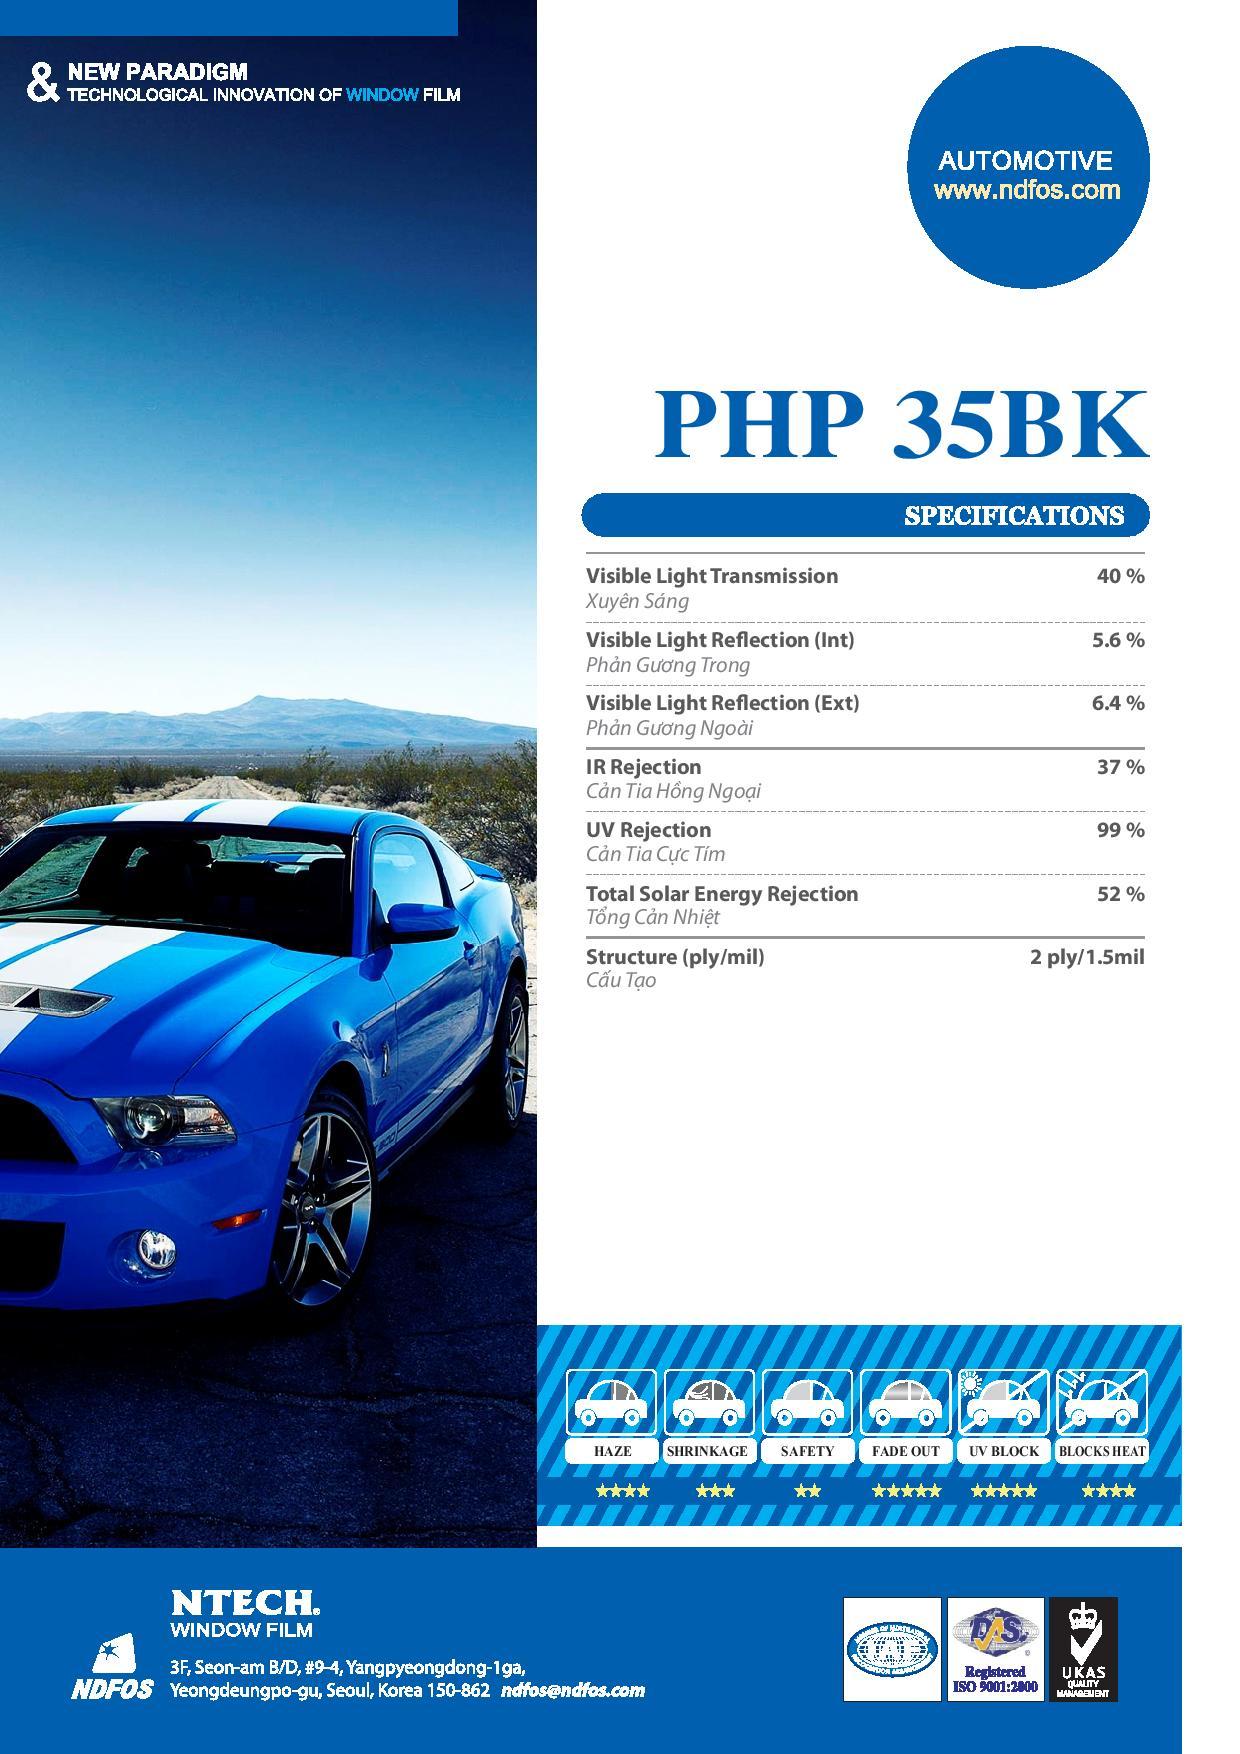 Mã phim PHP 35 BK